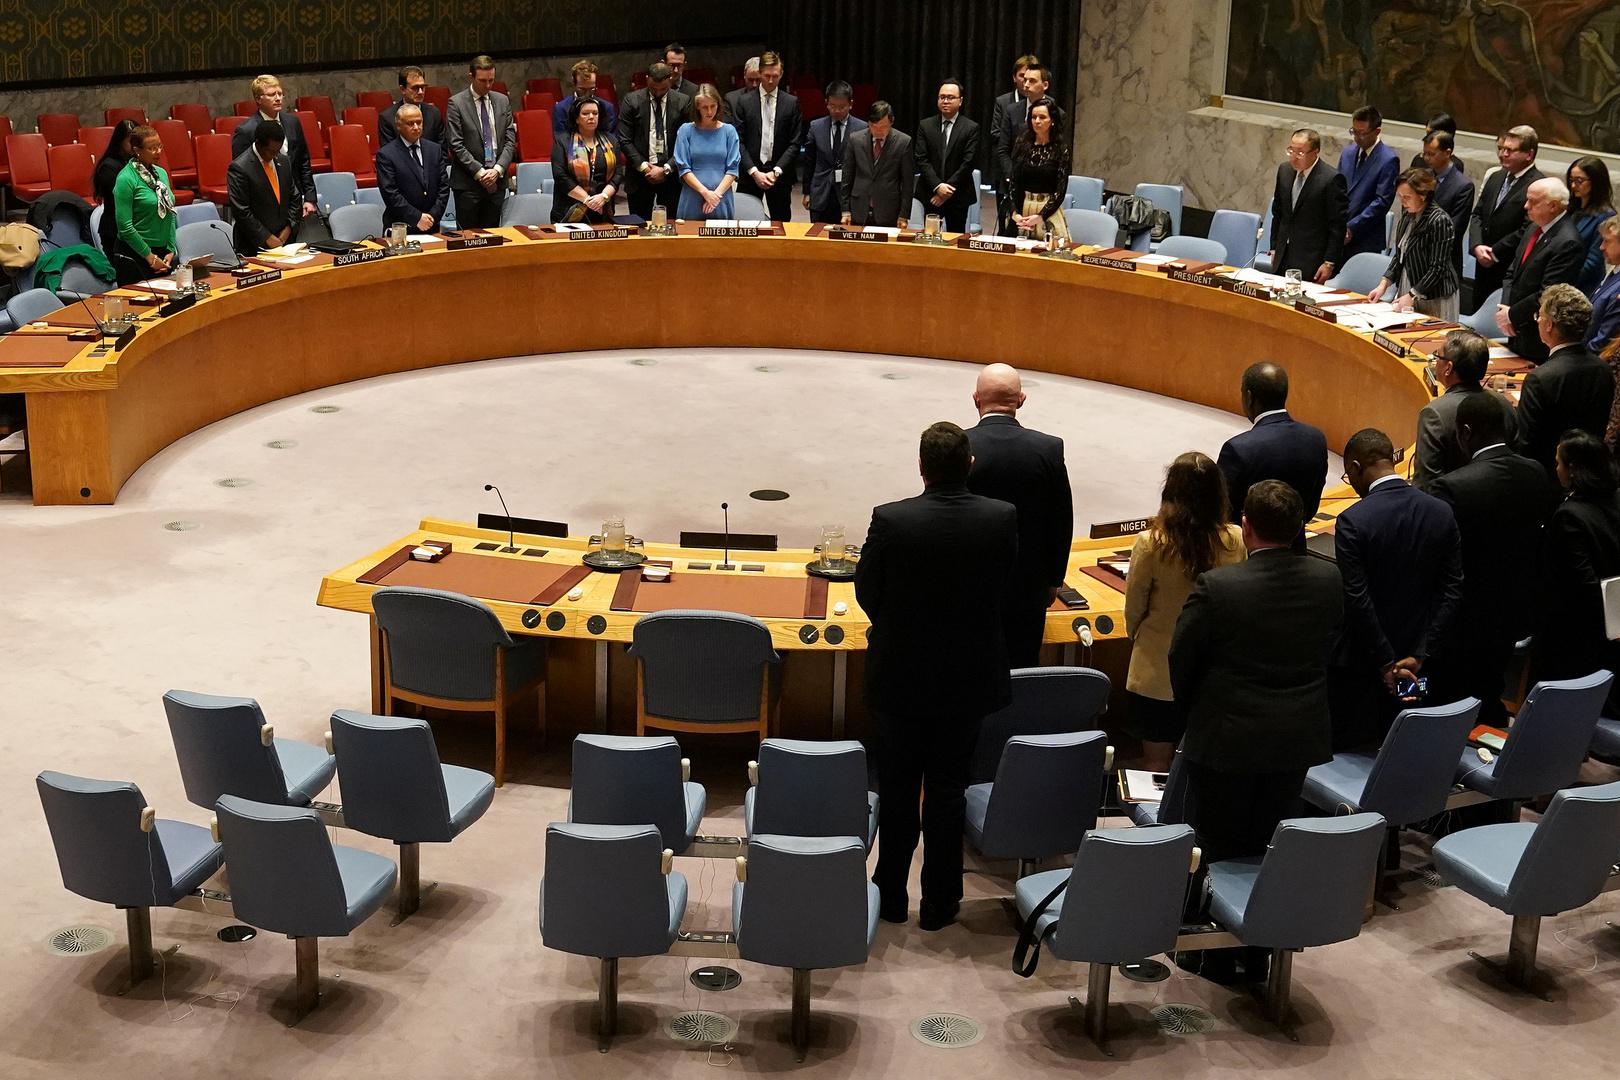 تونس تدعو مجلس الأمن لتبني قرار نشر بعثة دولية لمراقبة وقف النار في ليبيا